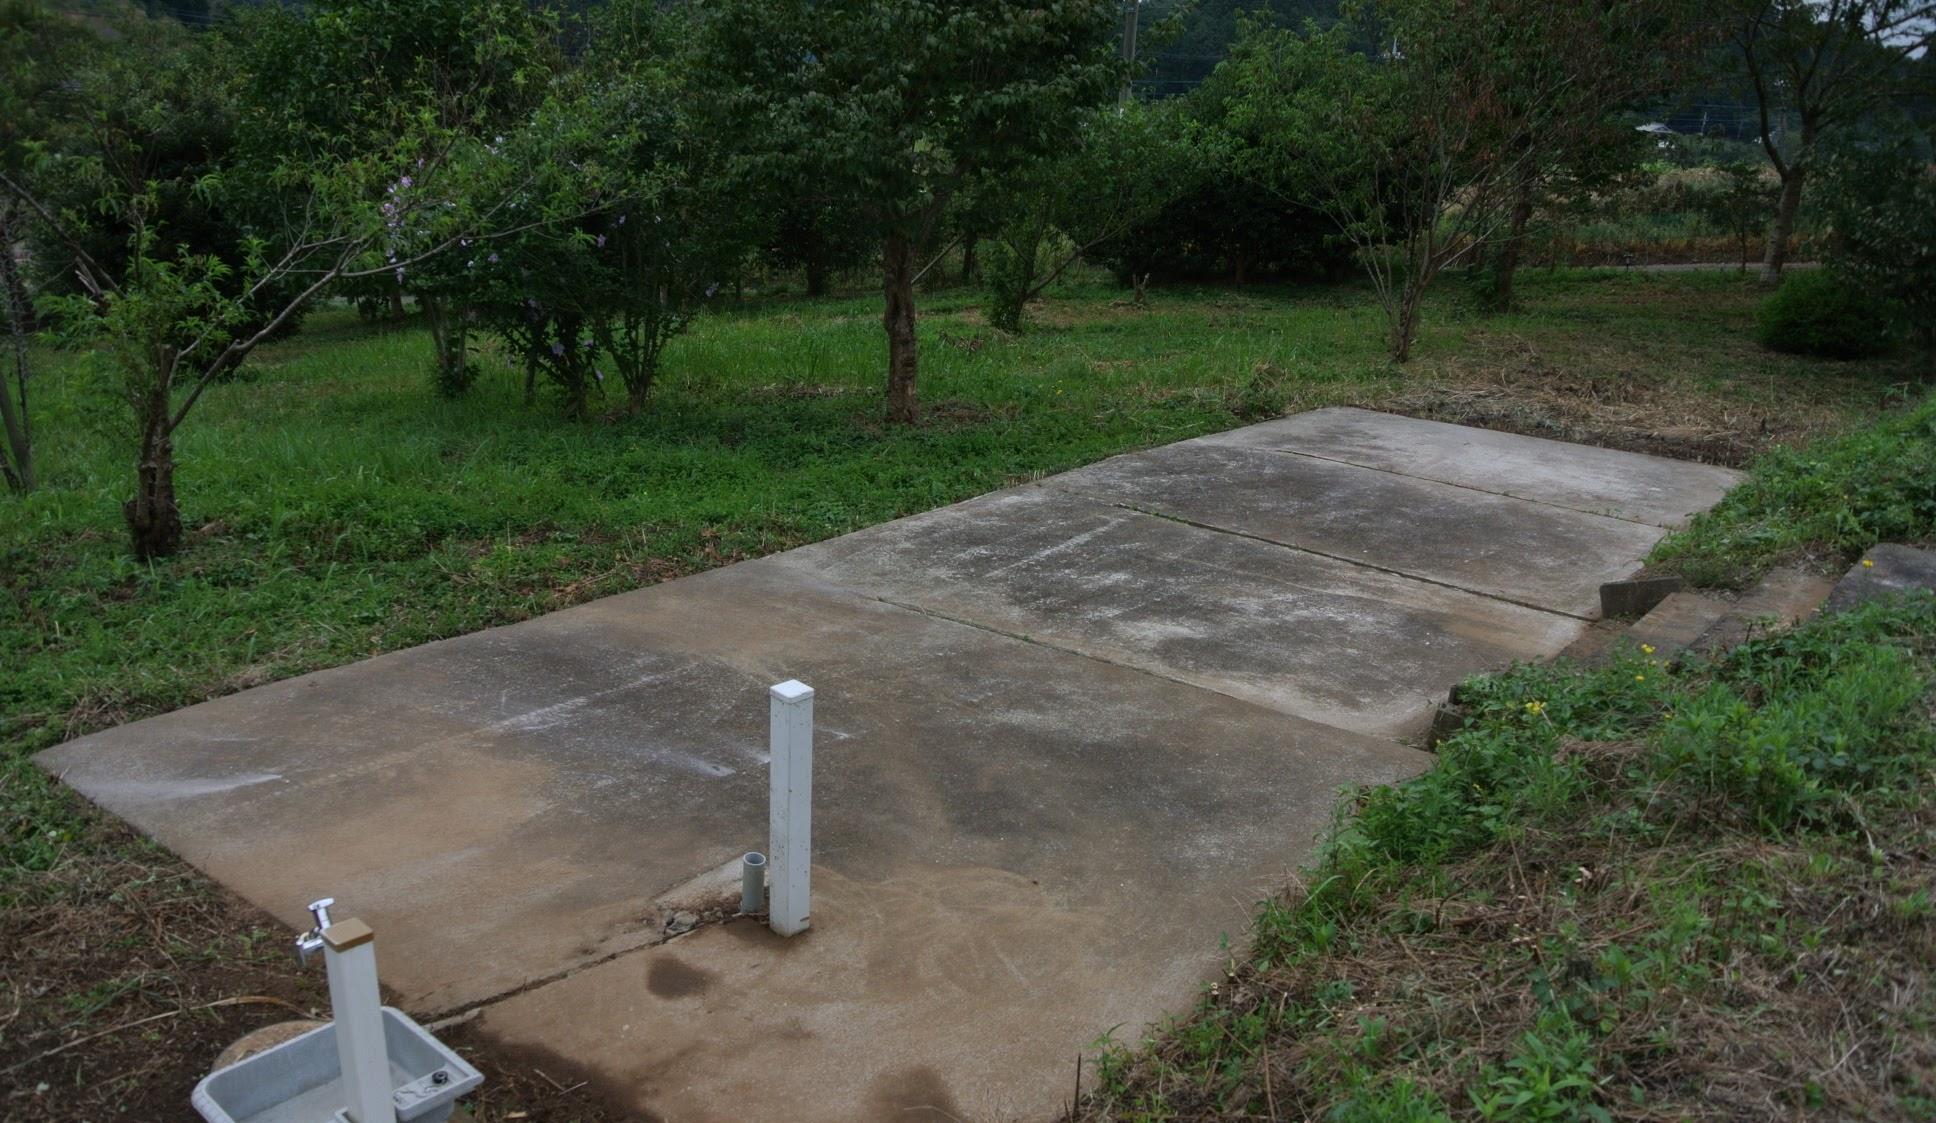 庭の中のコンクリート舗装のテラスは4m x 10mほど。水道もあり流し等もご用意できます。